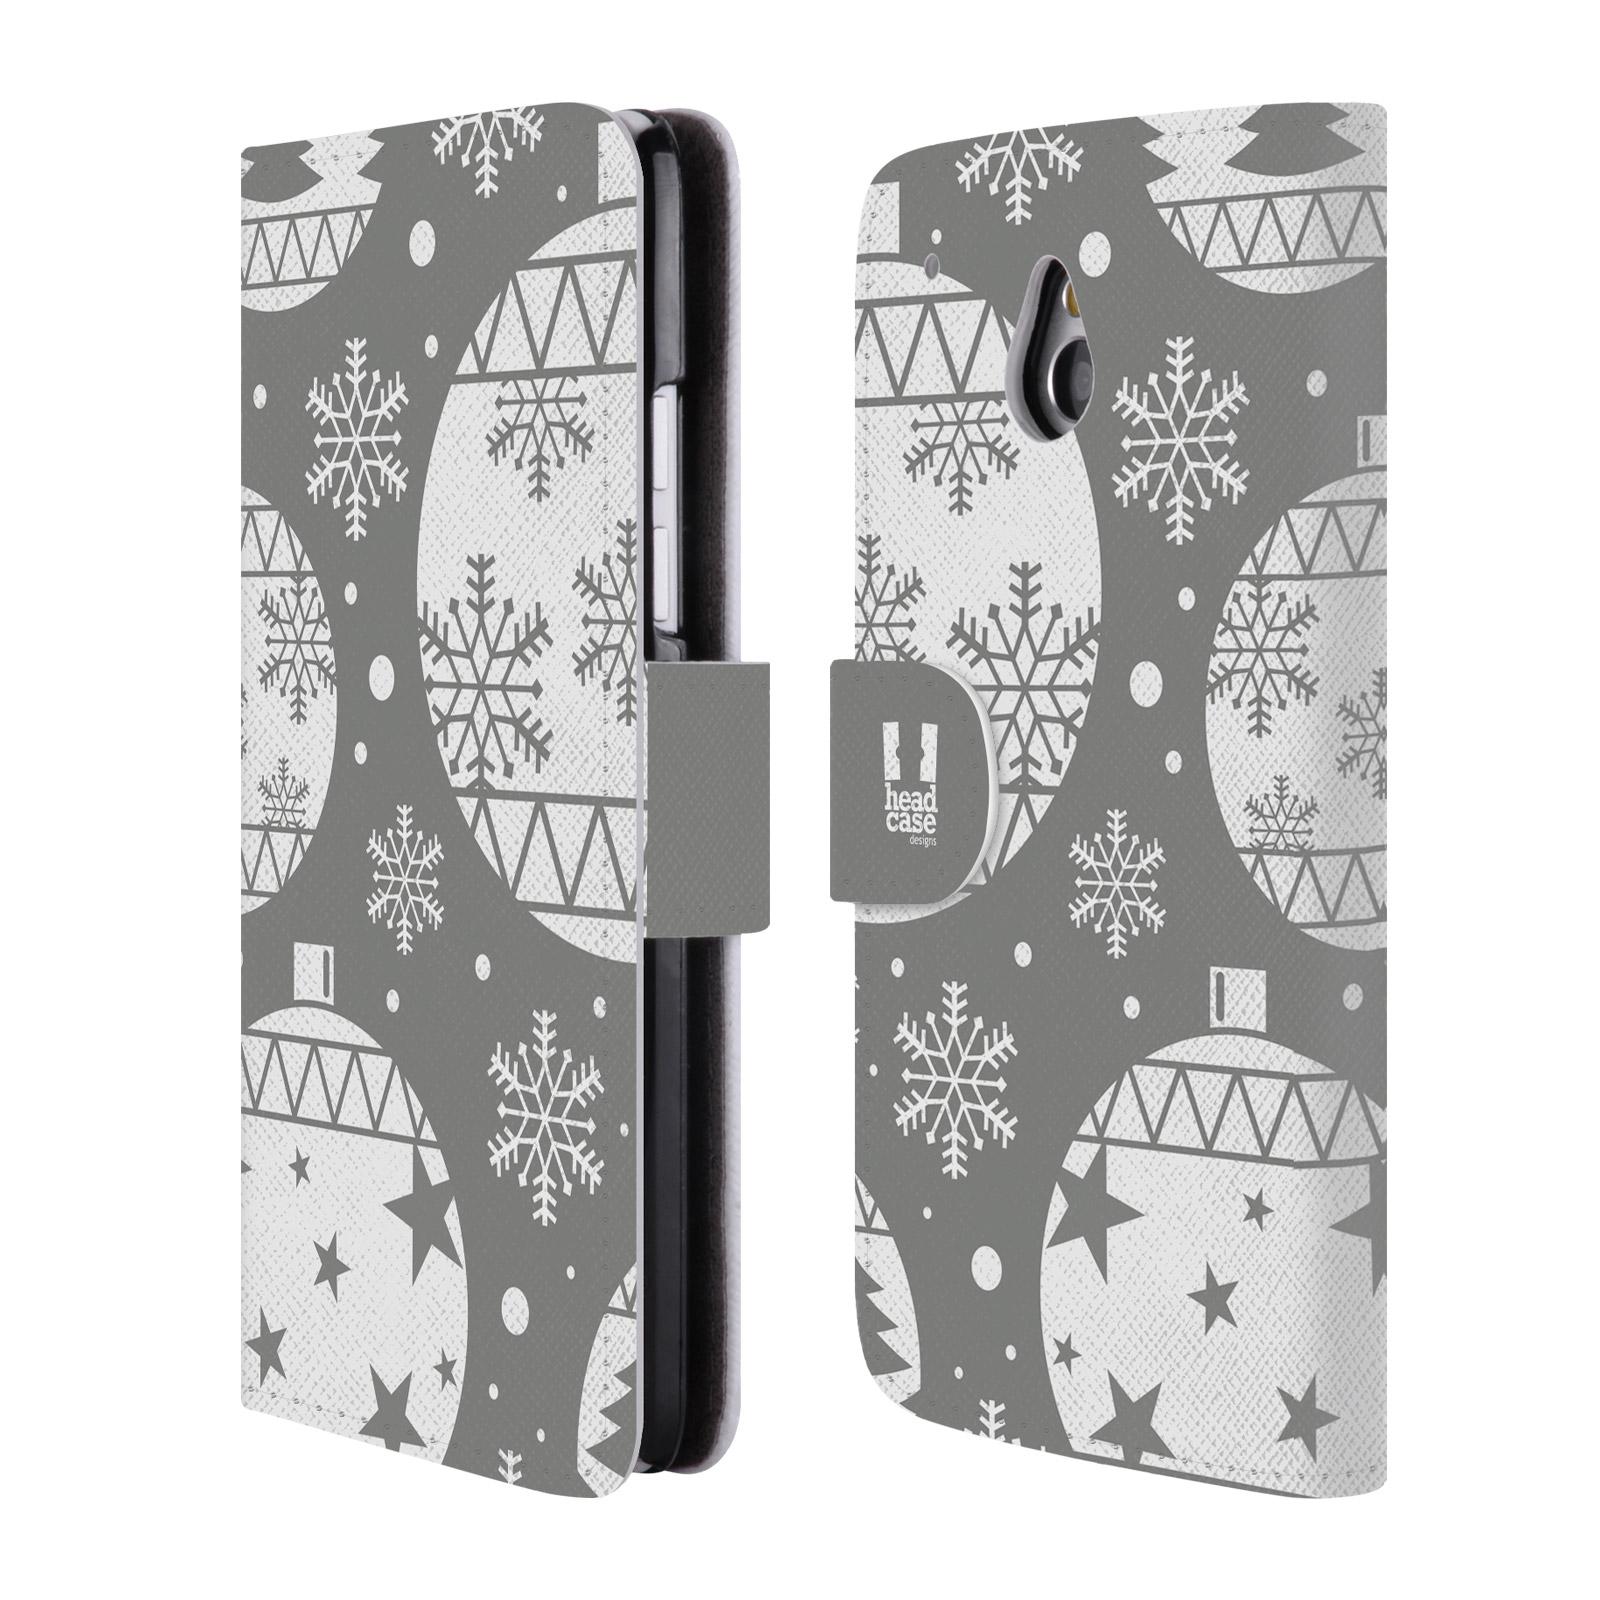 HEAD CASE Flipové pouzdro pro mobil HTC ONE MINI (M4) stříbrné vzory vánoční ozdoby